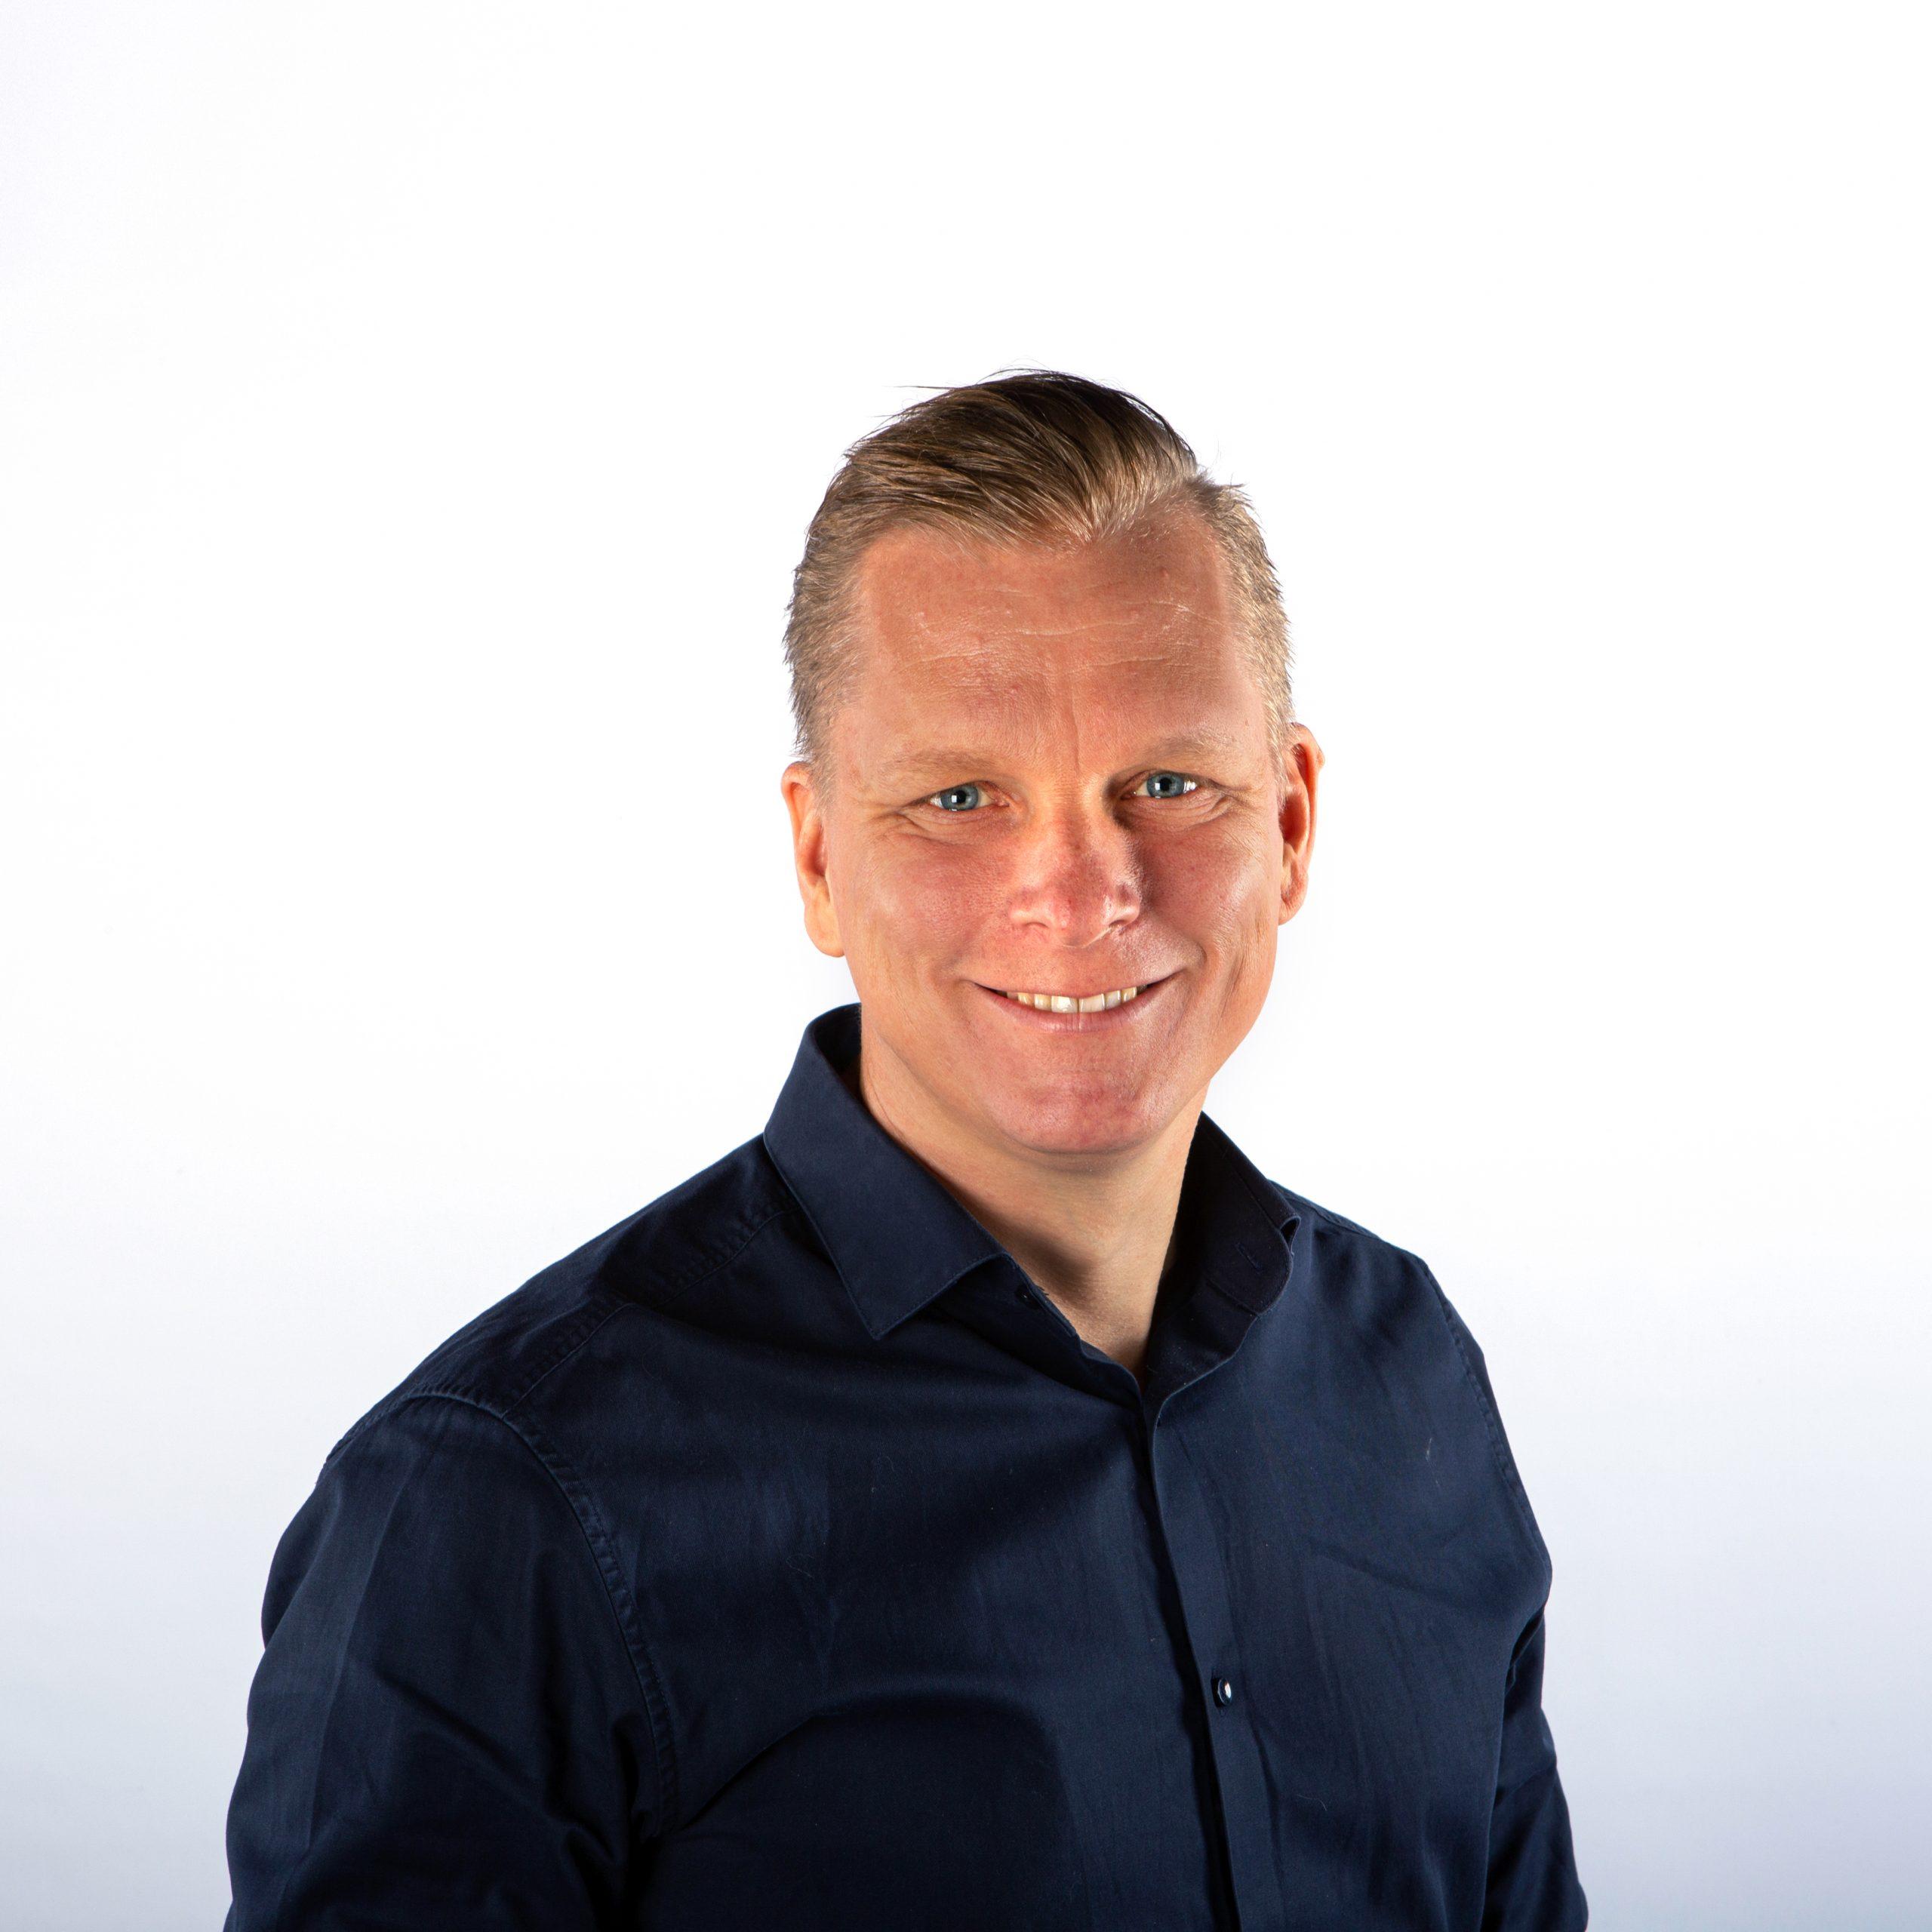 Erik van Ewijk